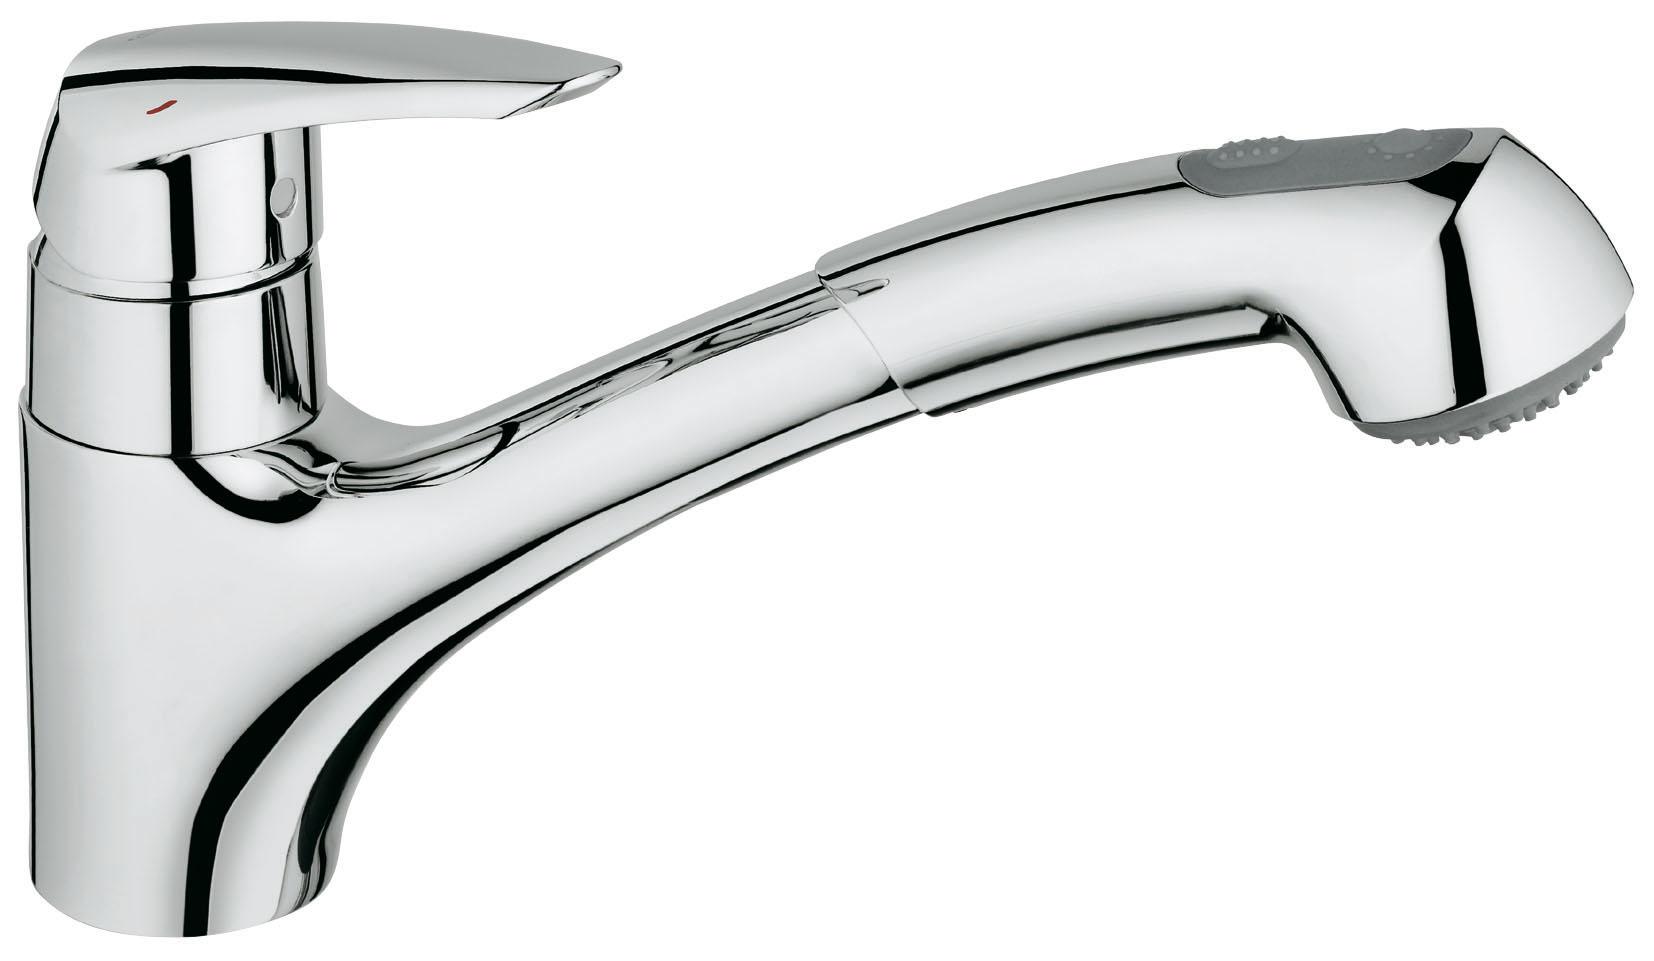 Смеситель для кухни GROHE Eurodisc с выдвижным изливом (32257001)26654GROHE Eurodisc: удобный смеситель для кухни с выдвижной душевой головкой Когда после приготовления вкусного ужина останется гора грязных кастрюль и сковород, выдвижная душевая головка данного кухонного смесителя поможет Вам разделаться с ними со скоростью профессионала. Этот однорычажный смеситель всегда поможет Вам быстро справляться с мытьем посуды и поддержанием мойки в чистоте. Благодаря картриджу с технологией GROHE SilkMove, рычаг управления отличается плавным и легким ходом. Возможность вращения излива в радиусе 140° увеличивает свободу движений при повседневной работе на кухне. Данный смеситель был разработан таким образом, чтобы быть удобным для пользователей во всех отношениях, поэтому он снабжен системой предотвращения известкования SpeedClean и системой упрощенного монтажа, позволяющей выполнить его установку быстро и без затруднений. Благодаря сияющему хромированному покрытию GROHE, этот надежный смеситель Eurodisc станет эффектным дополнением к оснащению Вашей кухни. Особенности: Монтаж на одно отверстиеGROHE SilkMove керамический картридж O 46 ммGROHE StarLight хромированная поверхность Регулировка расхода водыПоворотный литой излив с Ограничителем поворотаВстроенный выдвижной излив С возвратной пружинойАвтоматический переключатель:Стандартная/душевая струяГибкая подводкаСистема быстрого монтажаВидео по установке является исключительно информационным. Установка должна проводиться профессионалами! хром.